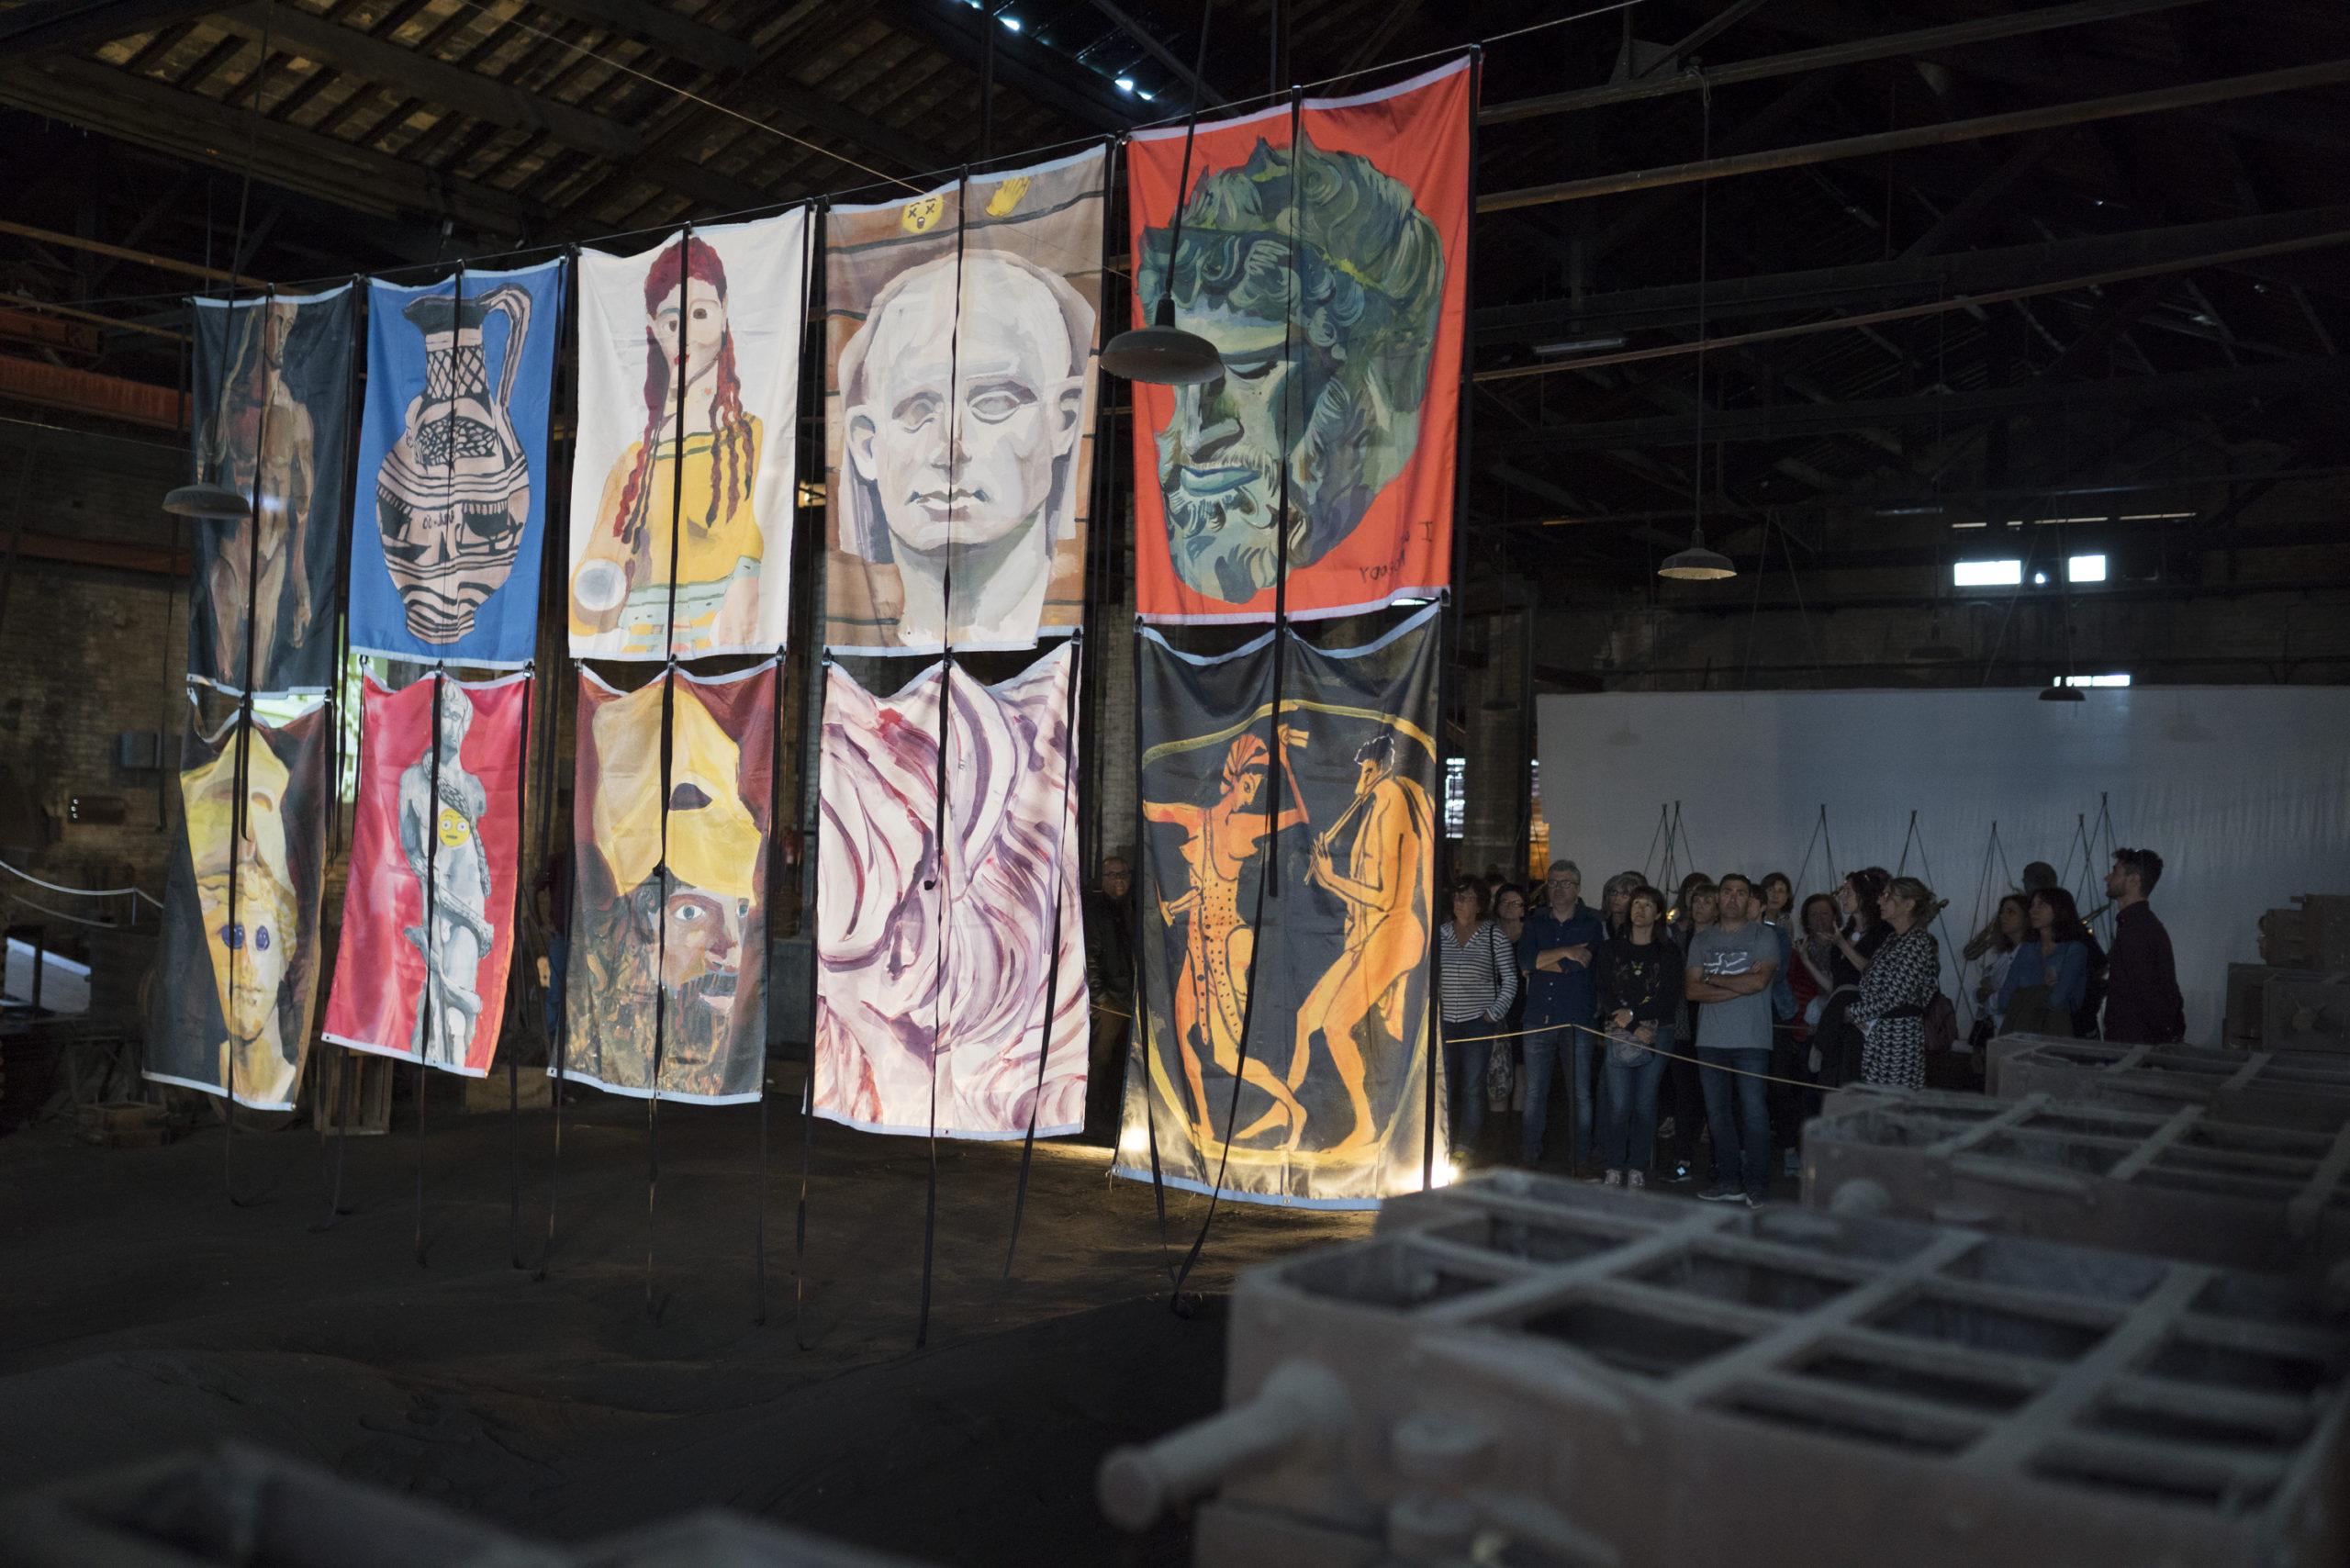 L'Embarrat de Tàrrega tanca la convocatòria artística amb 160 propostes d'una vintena de països